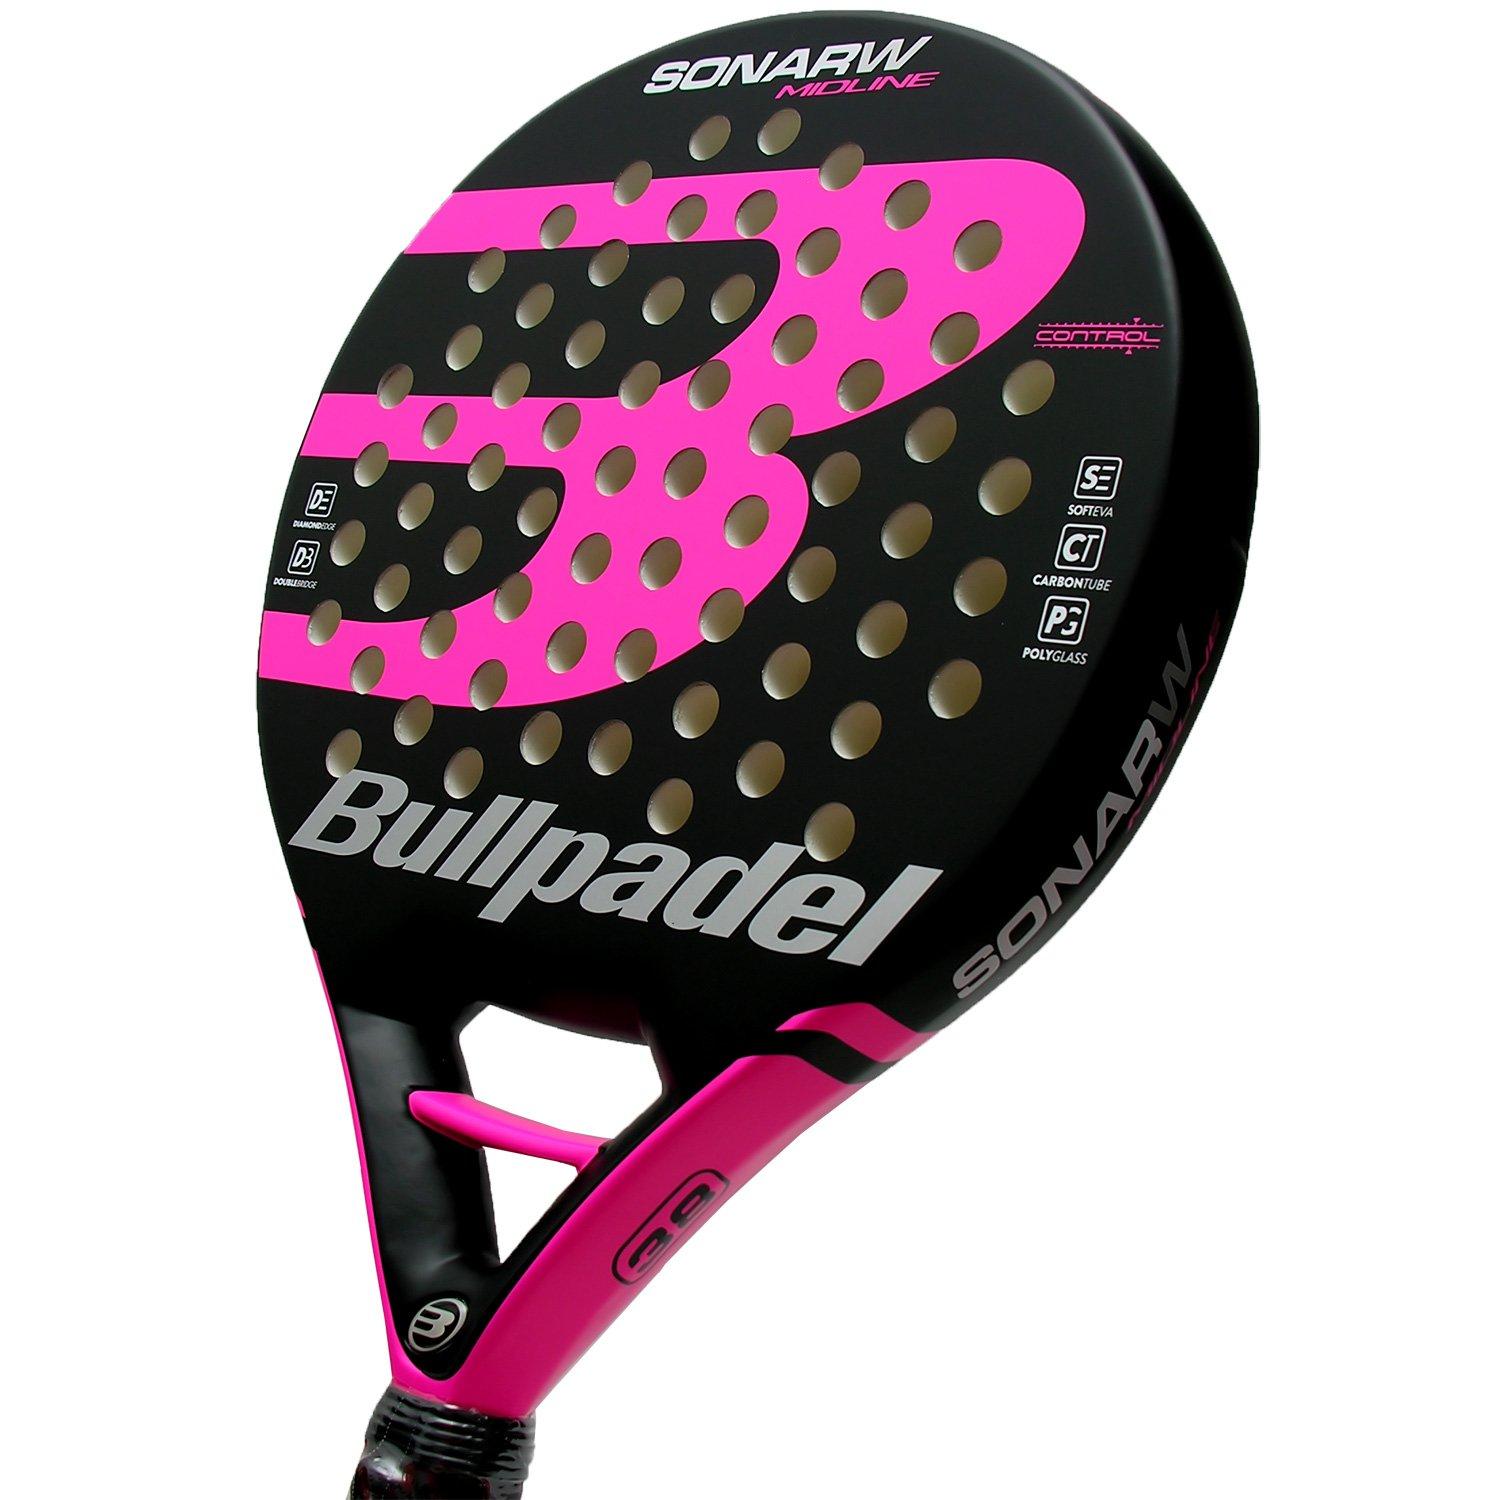 Pala de pádel Bullpadel Sonar Women: Amazon.es: Deportes y ...